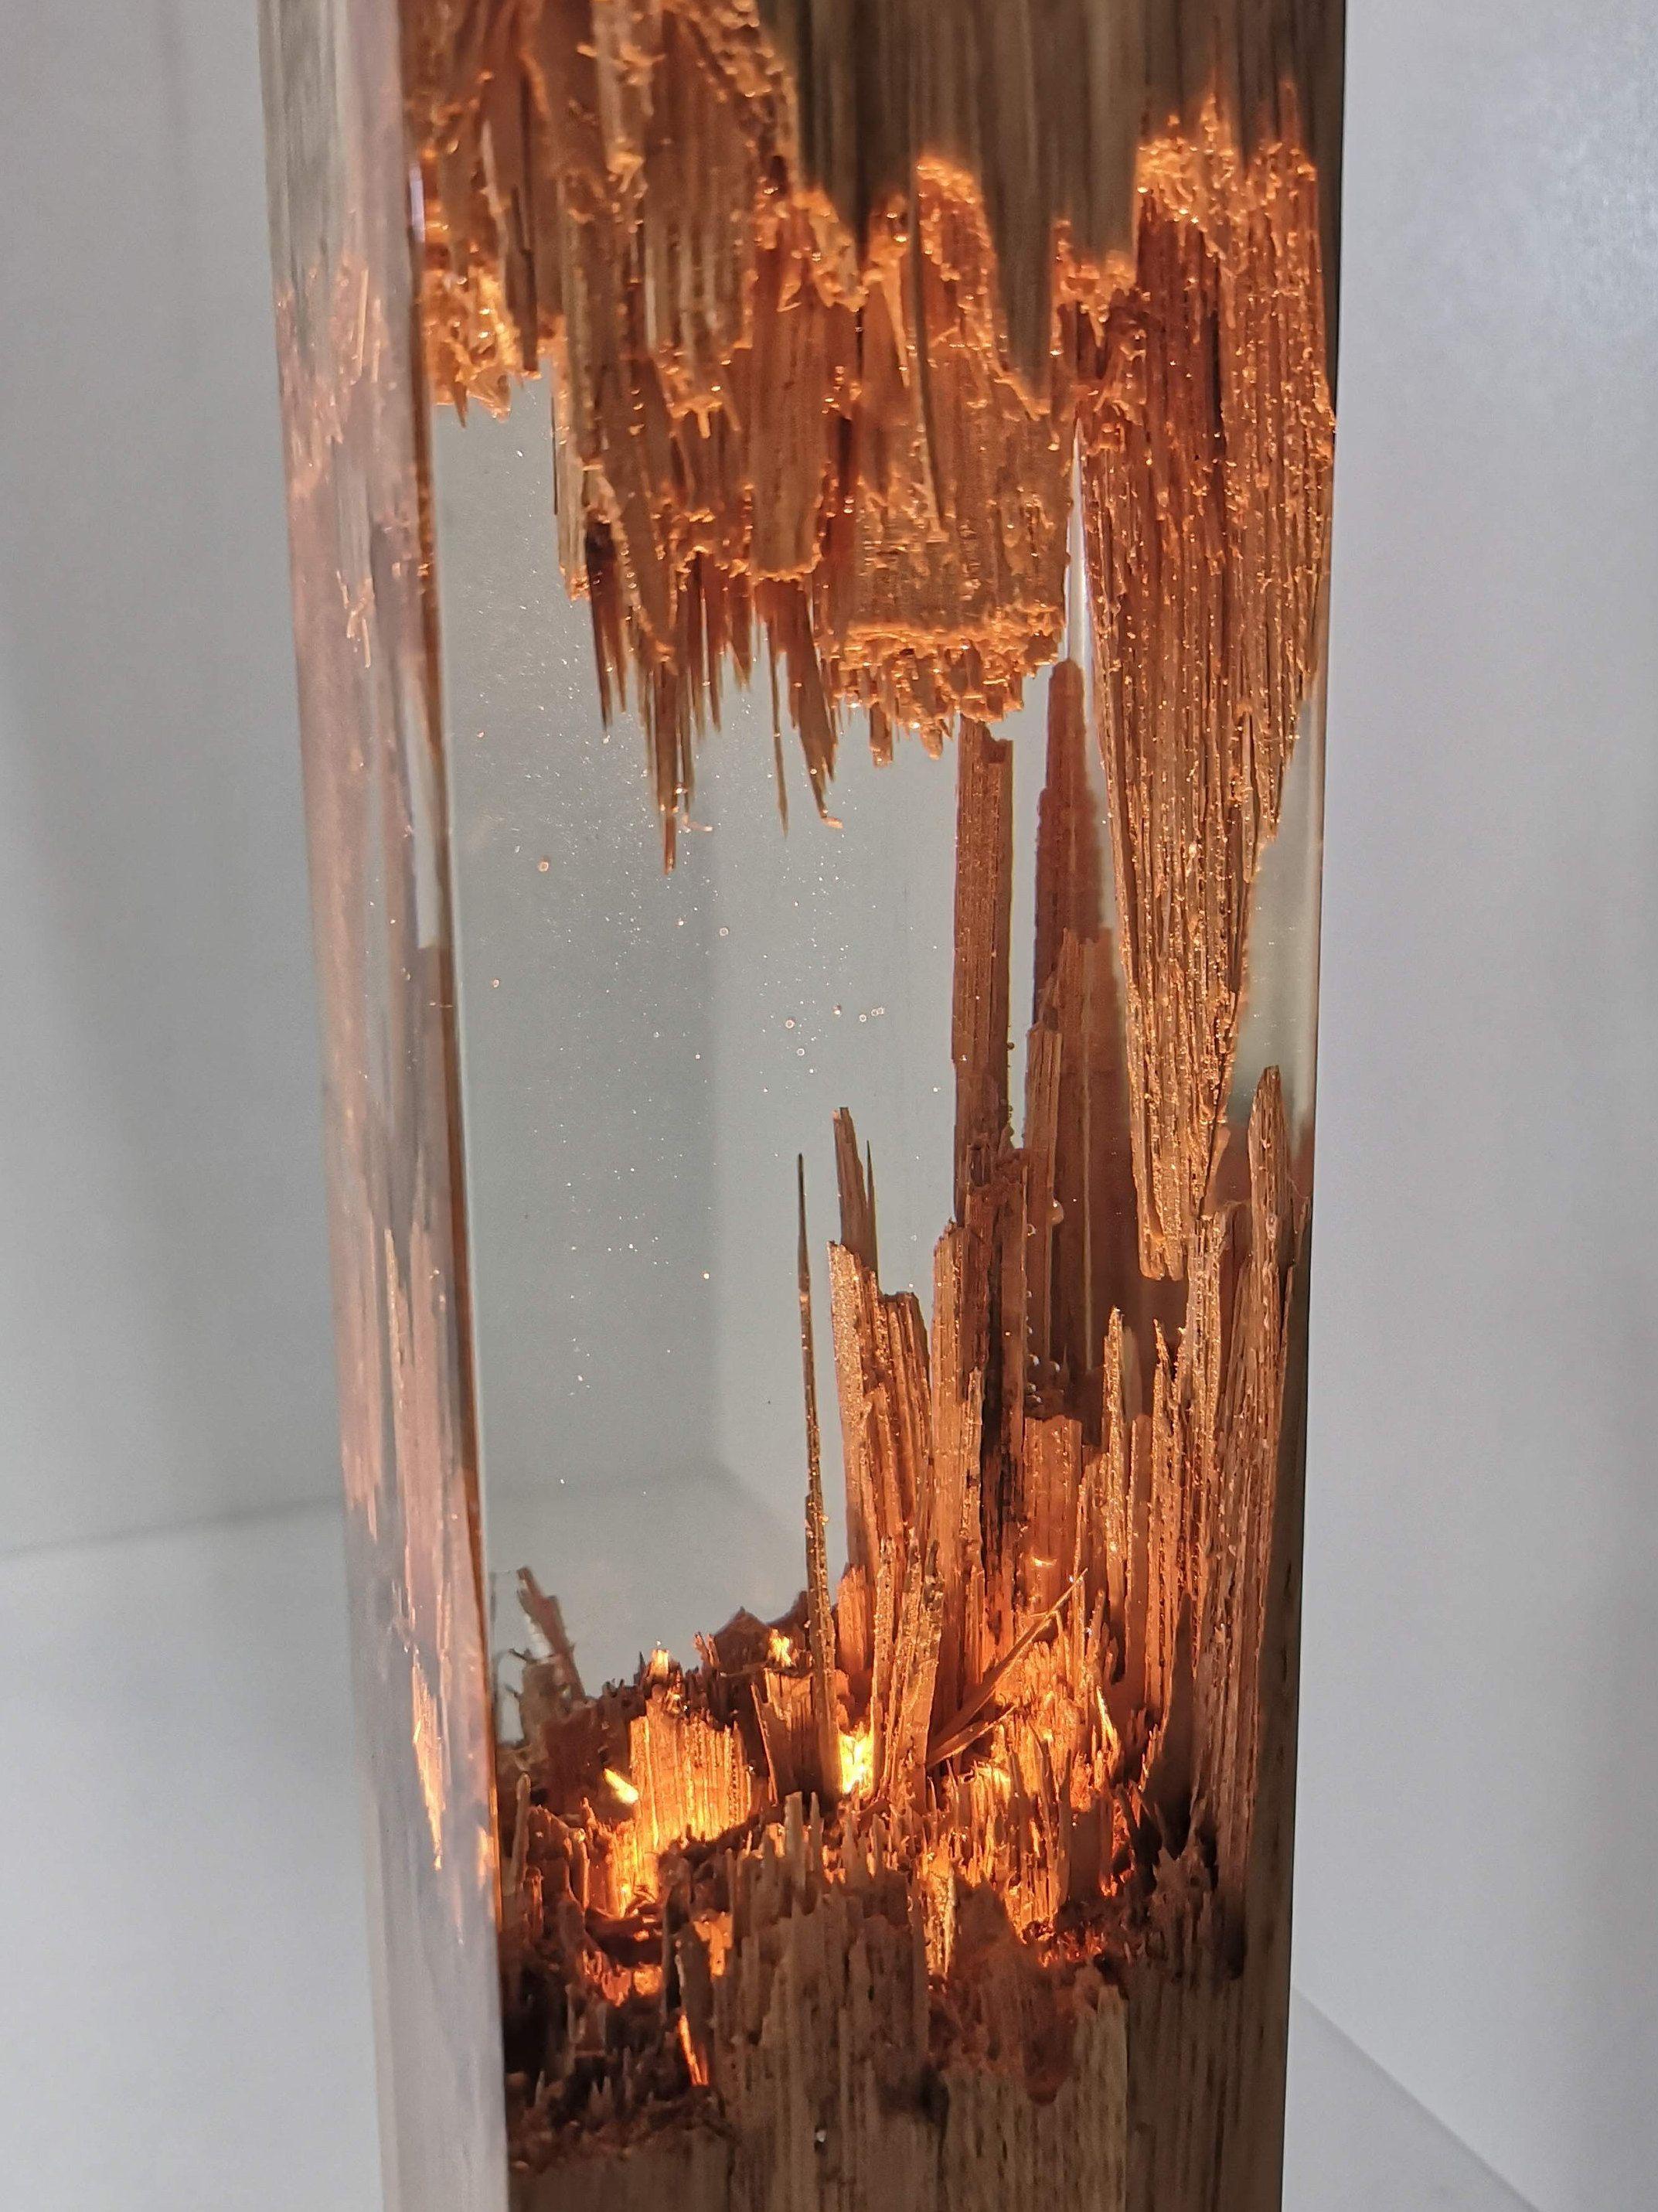 Epoxy Wood Lamp Lamp Night Lamp Resin Table Decor Decor Light Epoxy Resin Wood Resin Table Wood Lamp Design